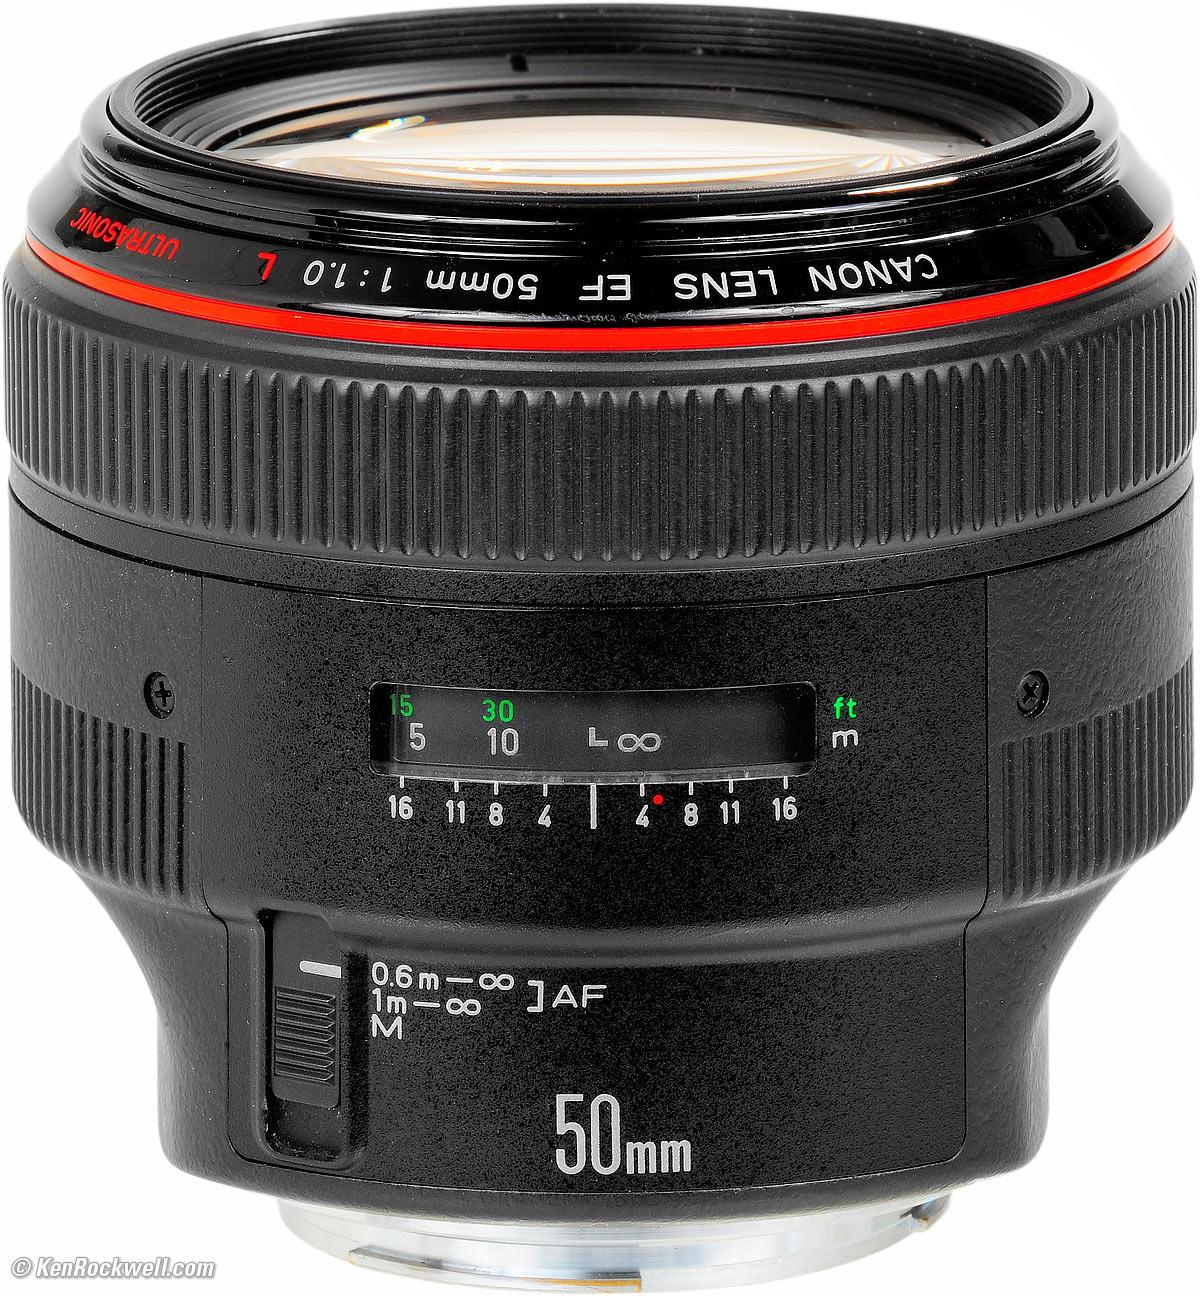 Új Canon L fixek jönnek…de csak jövőre :(